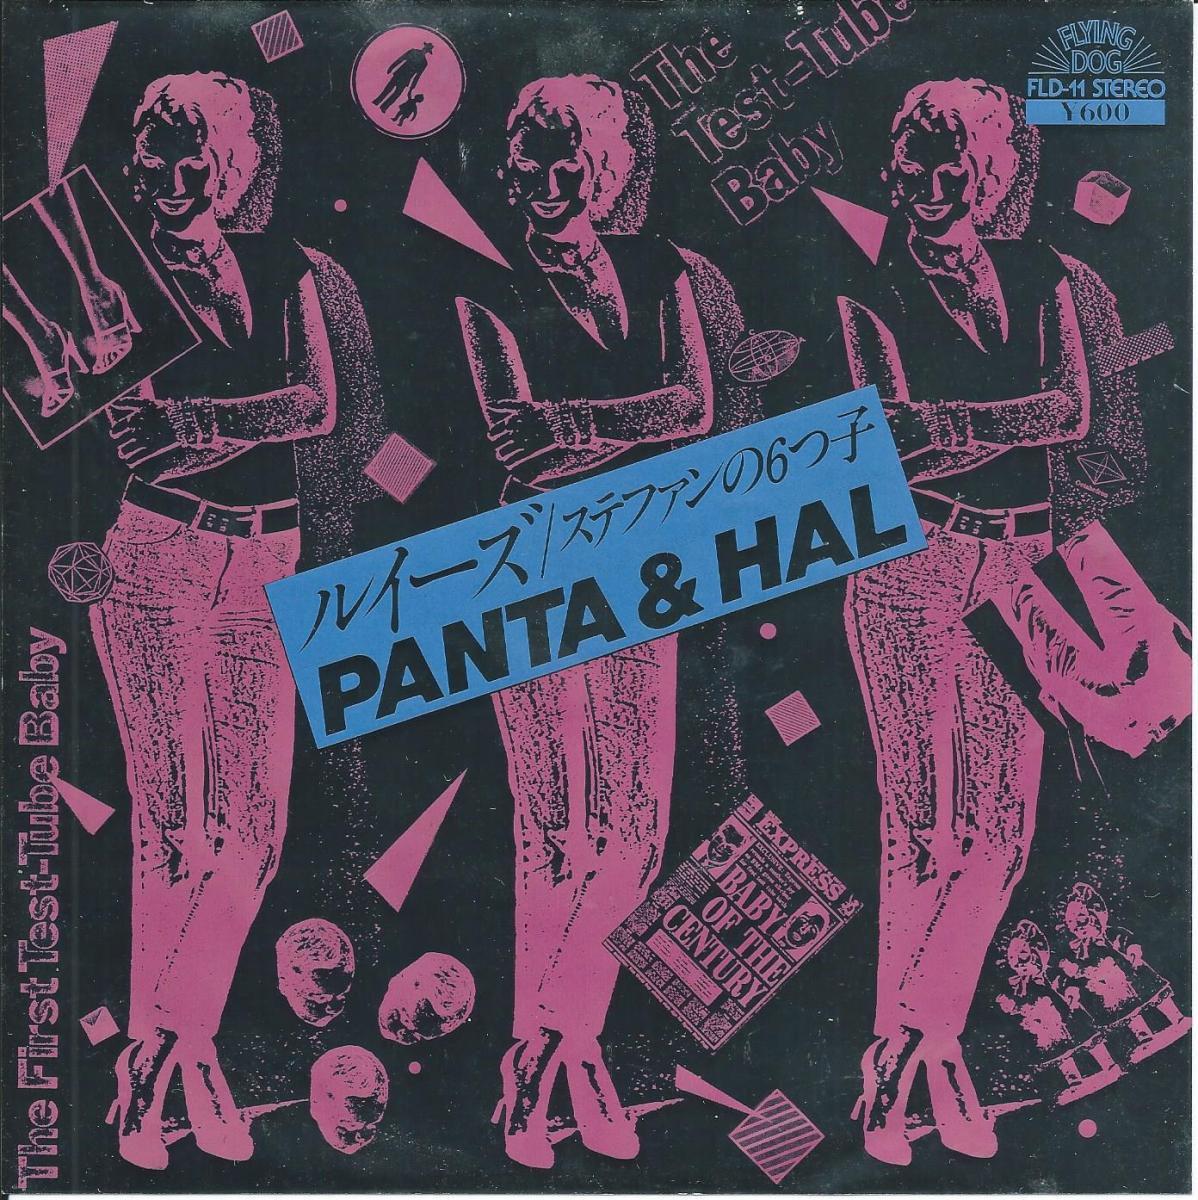 Panta and HAL ルイーズ - ステファンの6つ子